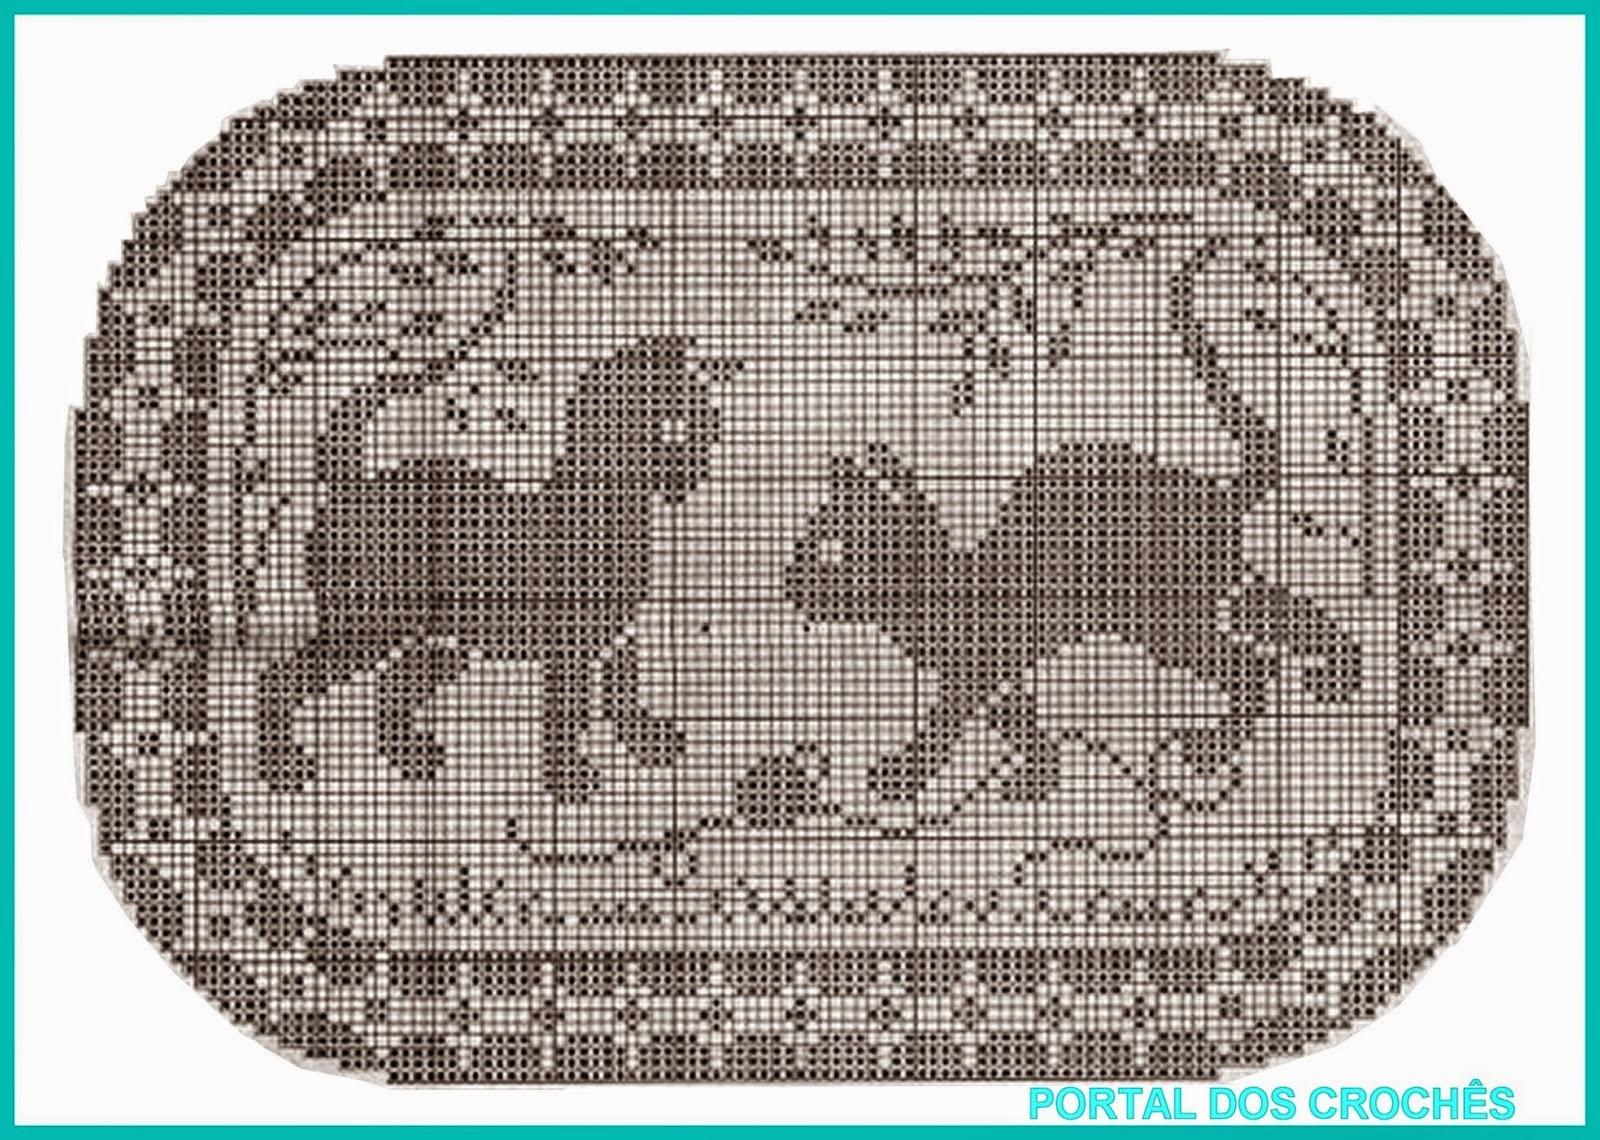 #00B2A9  Lãs Barbantes e Tecidos: Tapete e Cortina com gráfico de gatos 1600x1140 px Banheiro Para Gato Stilber 2517